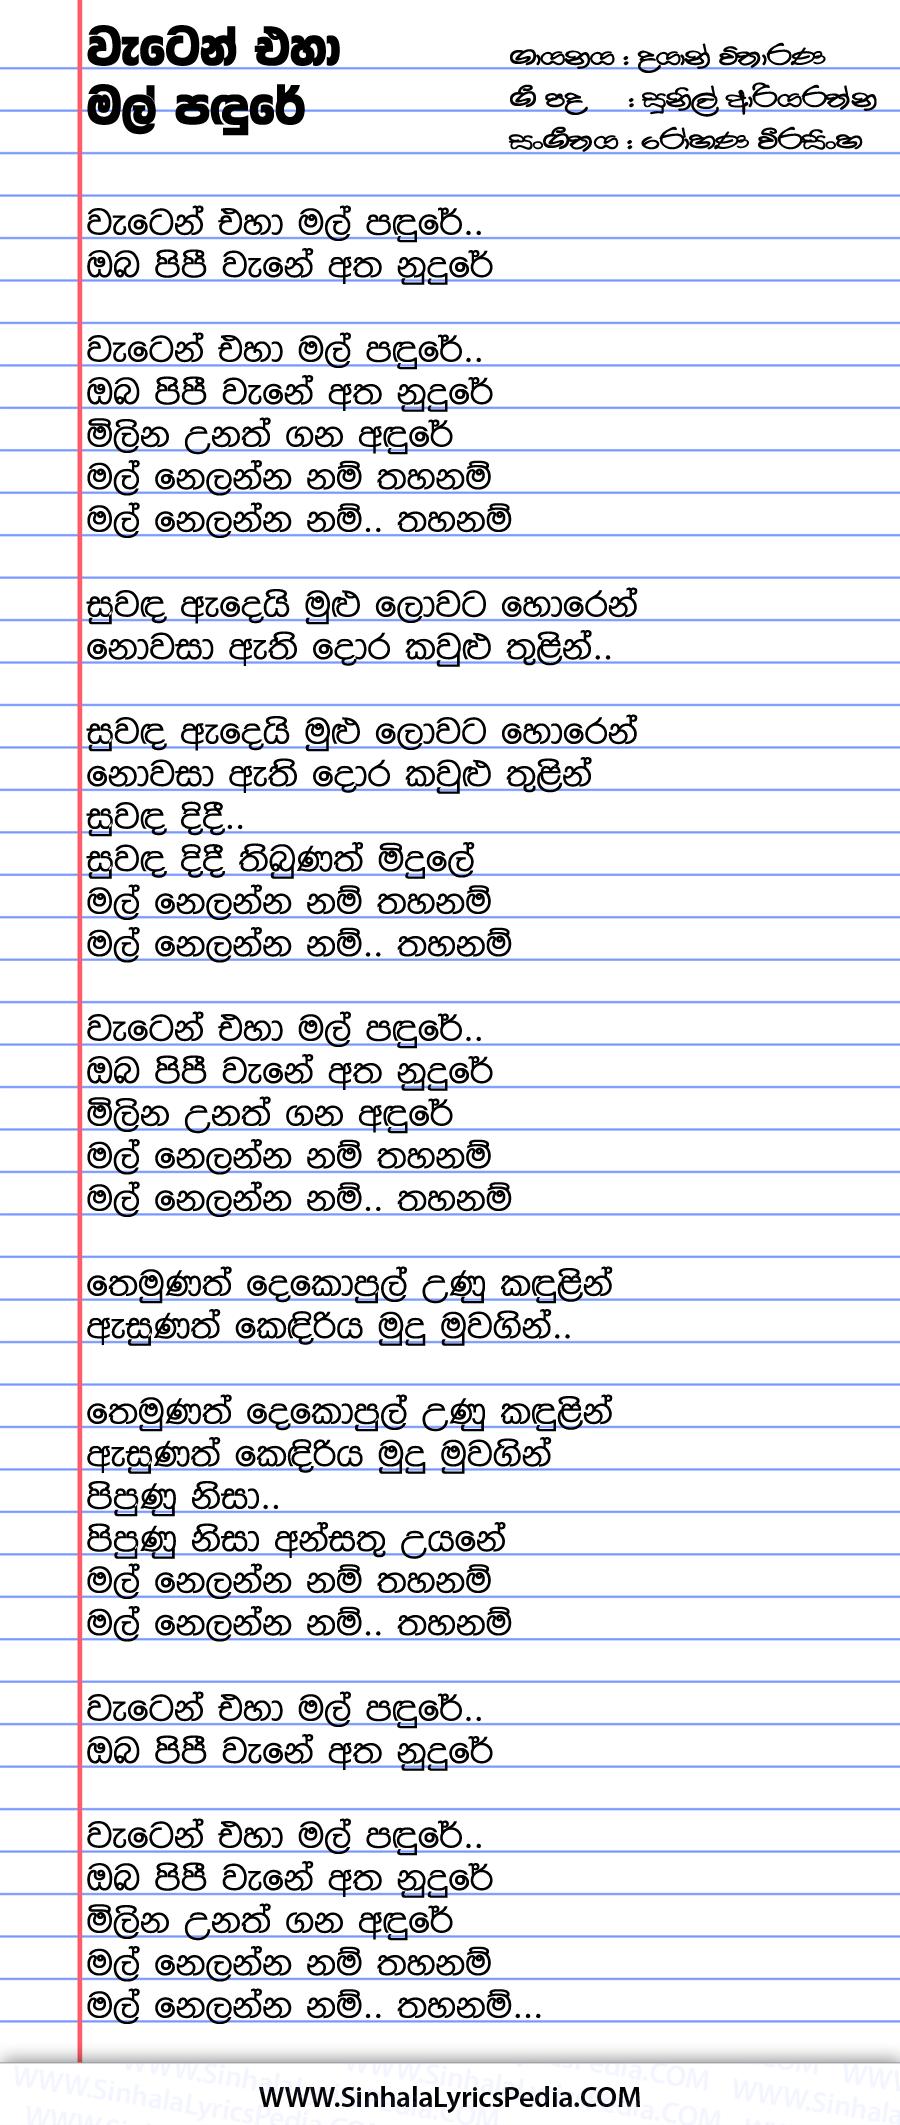 Waten Eha Mal Pandure Song Lyrics